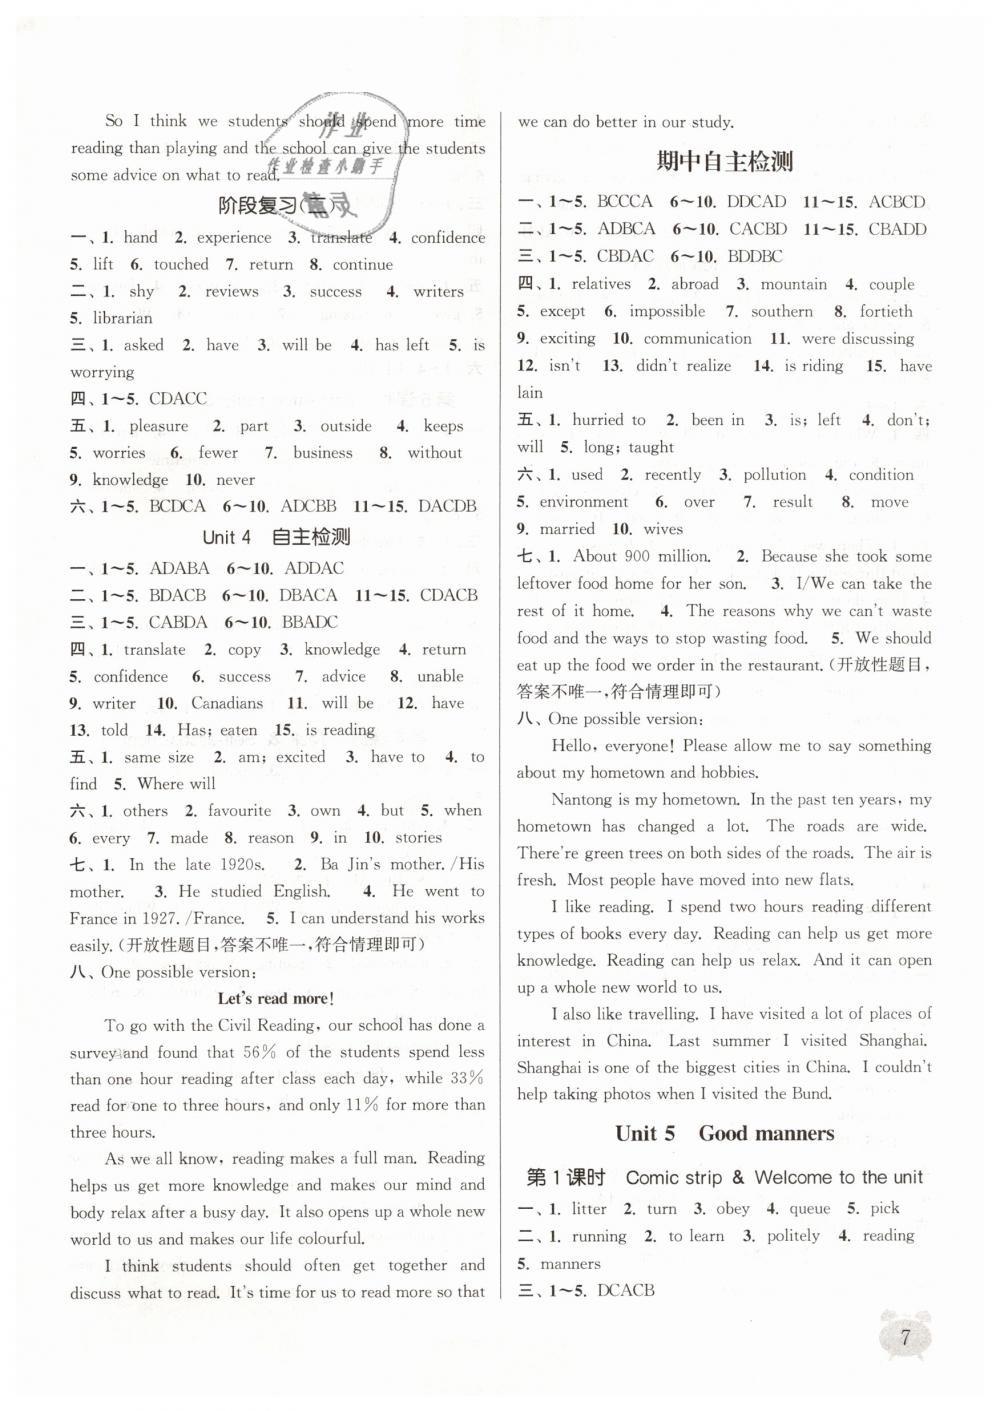 2019年通城学典课时作业本八年级英语下册译林版南通专用第7页